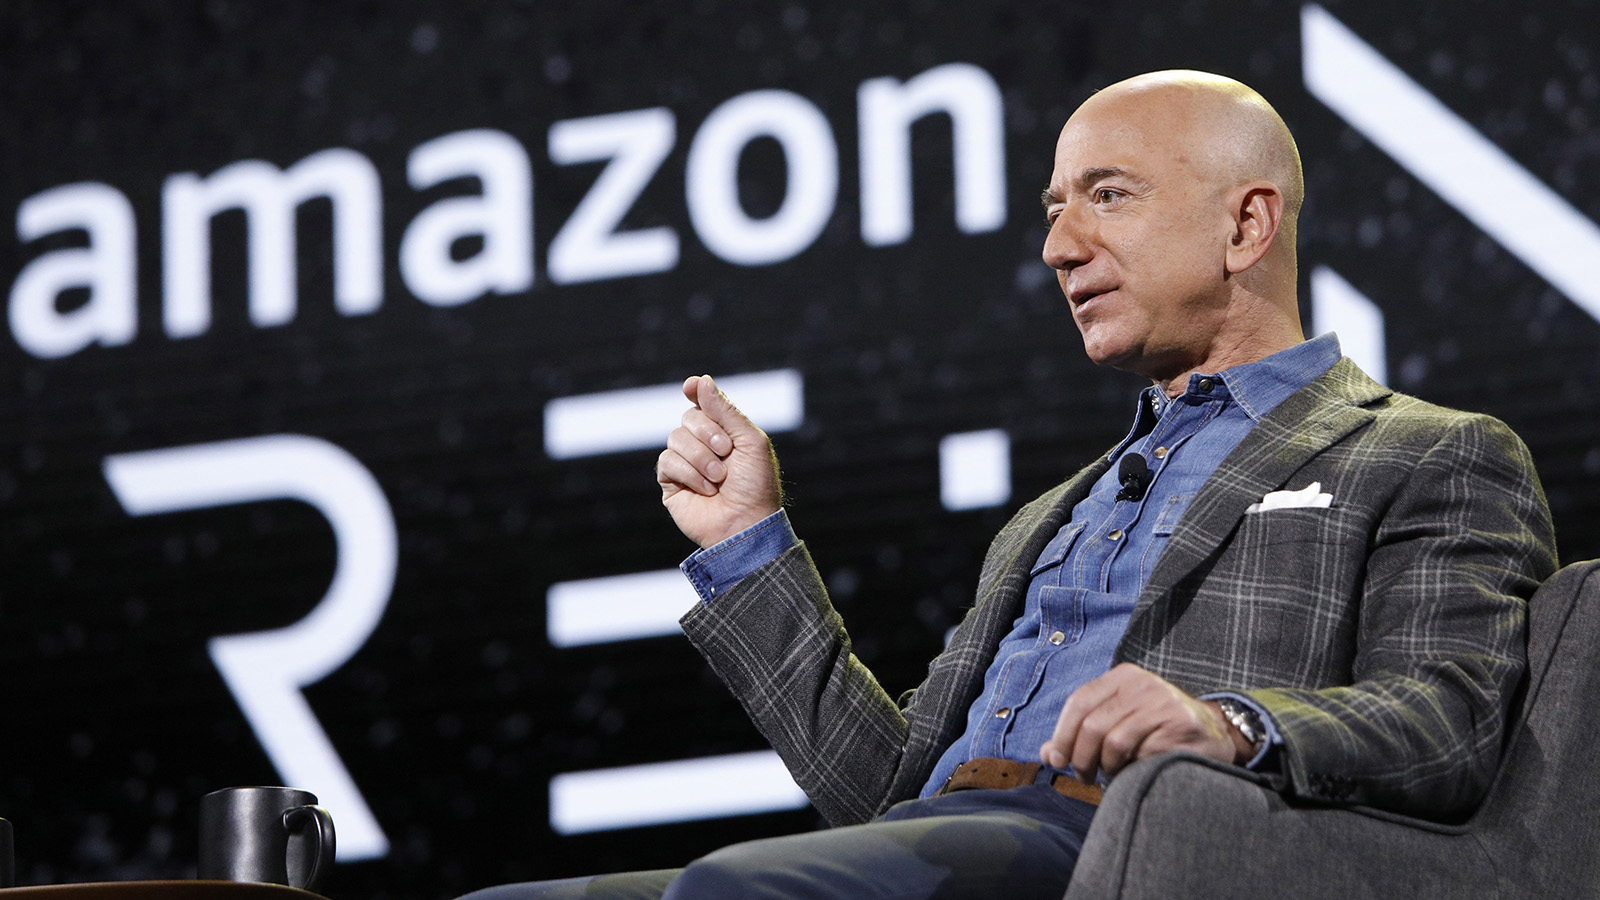 Klart Amazon Lanseras I Sverige Etc